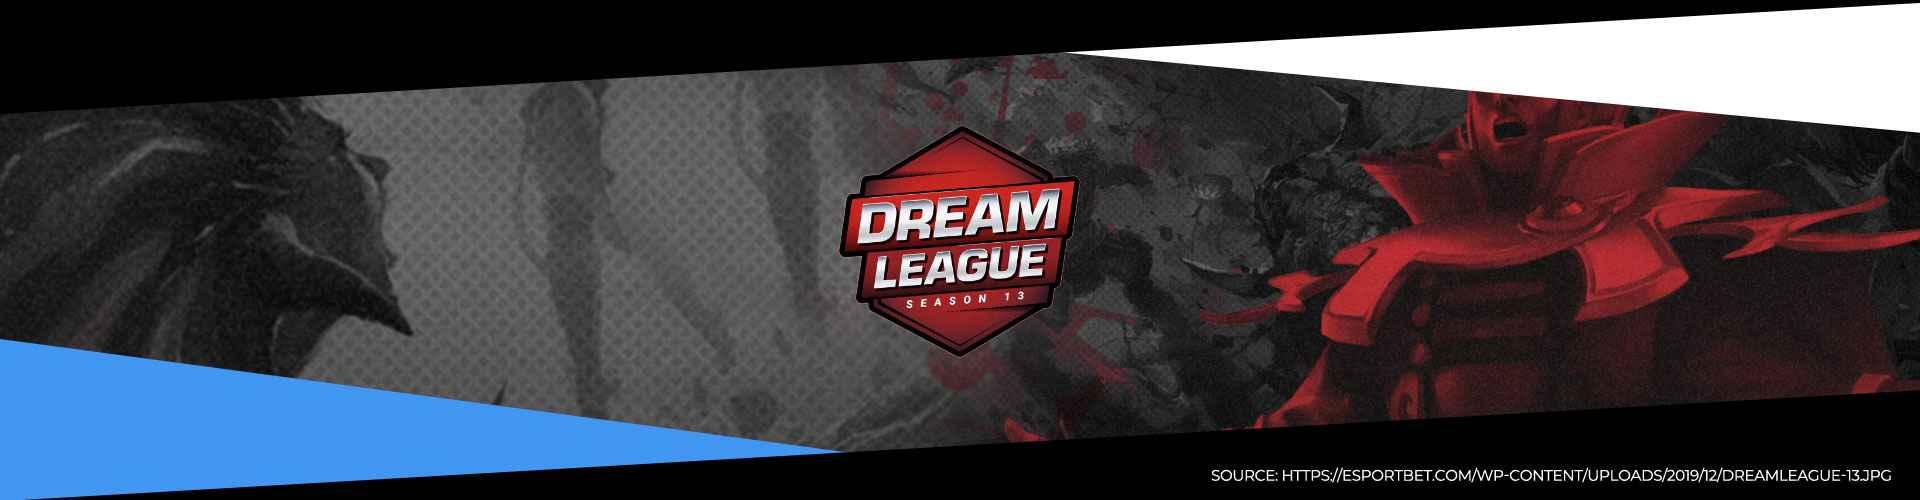 Eventsida för DreamLeague säsong 13 med information om turneringen.